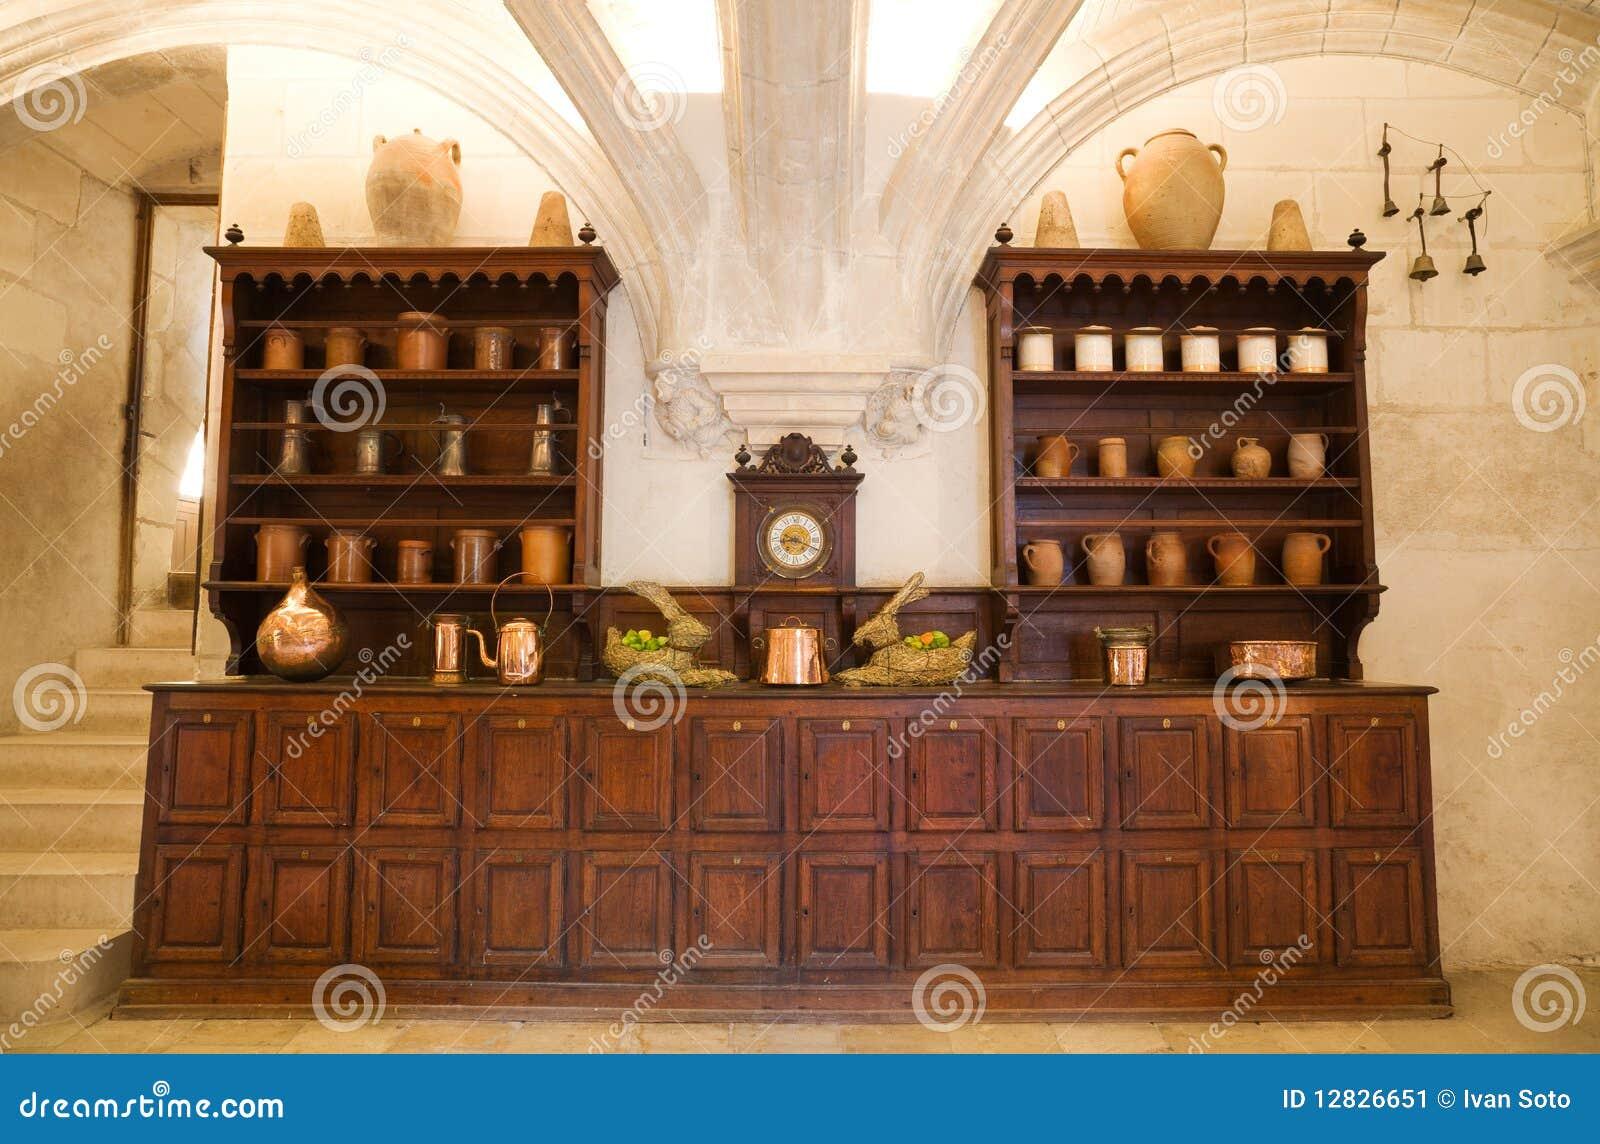 Zeer oude keuken stock afbeelding afbeelding bestaande uit antiquiteit 12826651 - Oude foto keuken ...